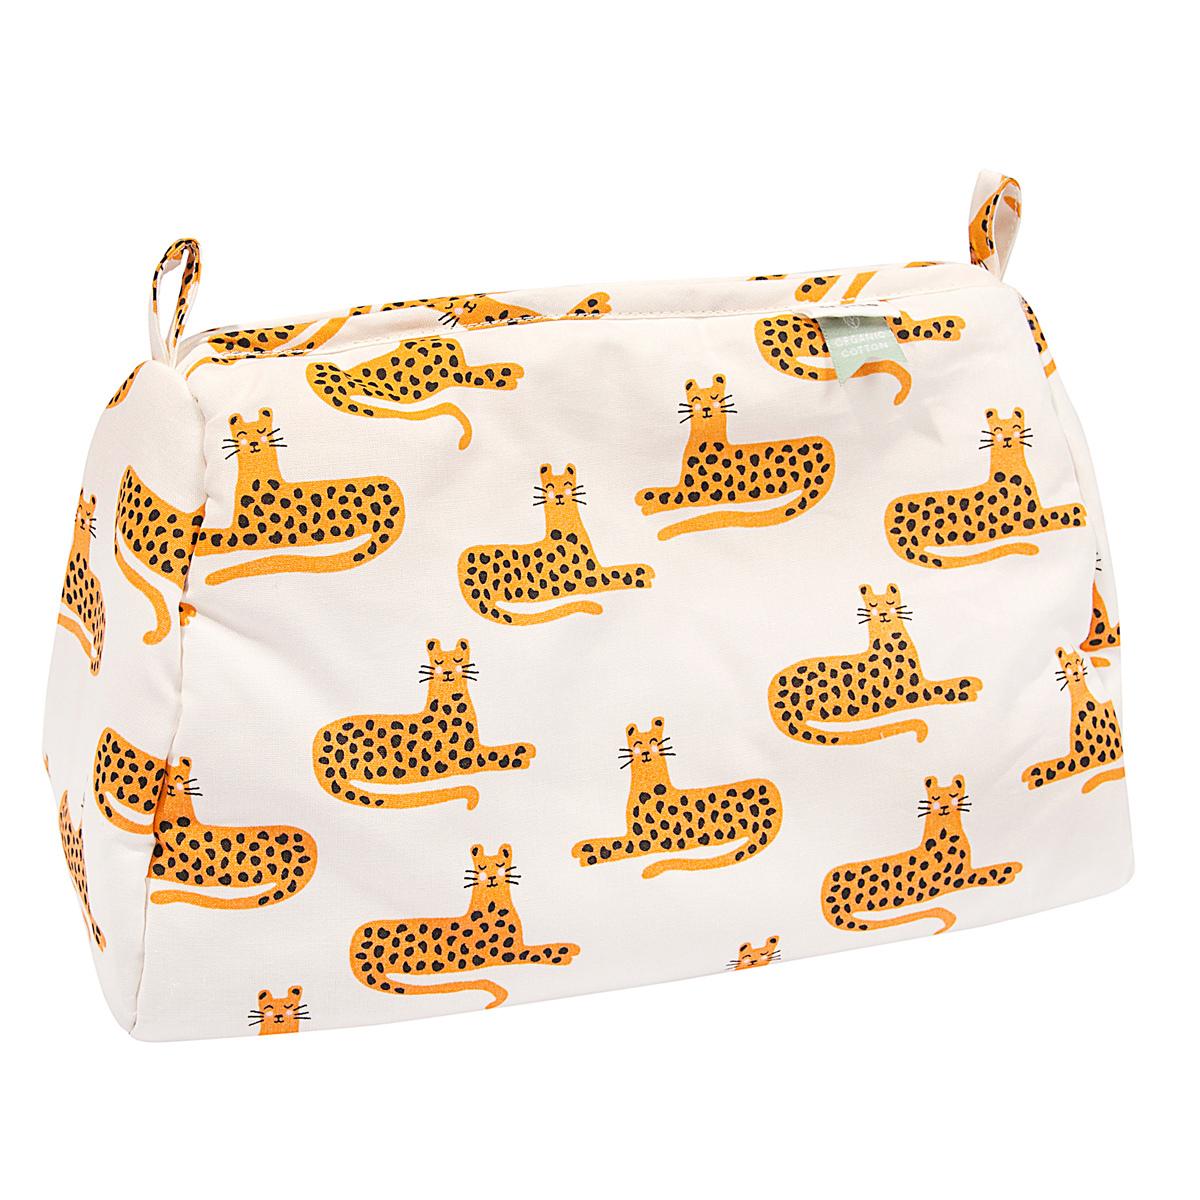 Trousse Trousse de Toilette - Cheetah Trousse de Toilette - Cheetah